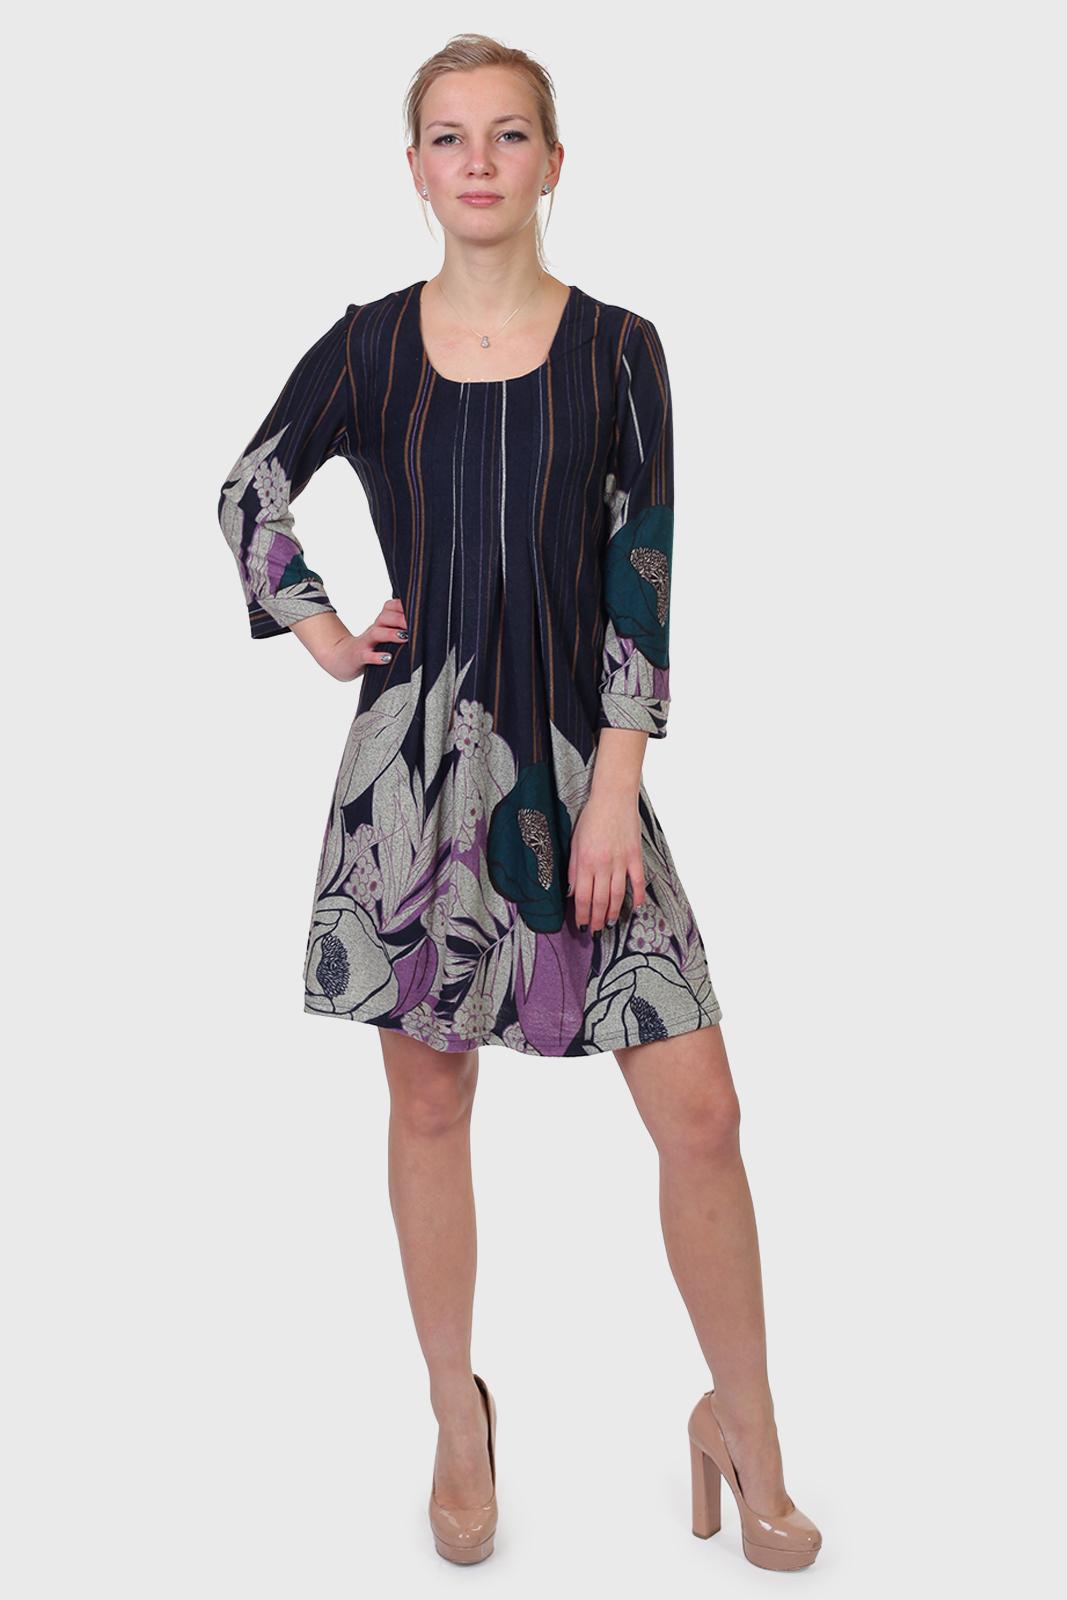 Заказать в интернет магазине платье с принтом